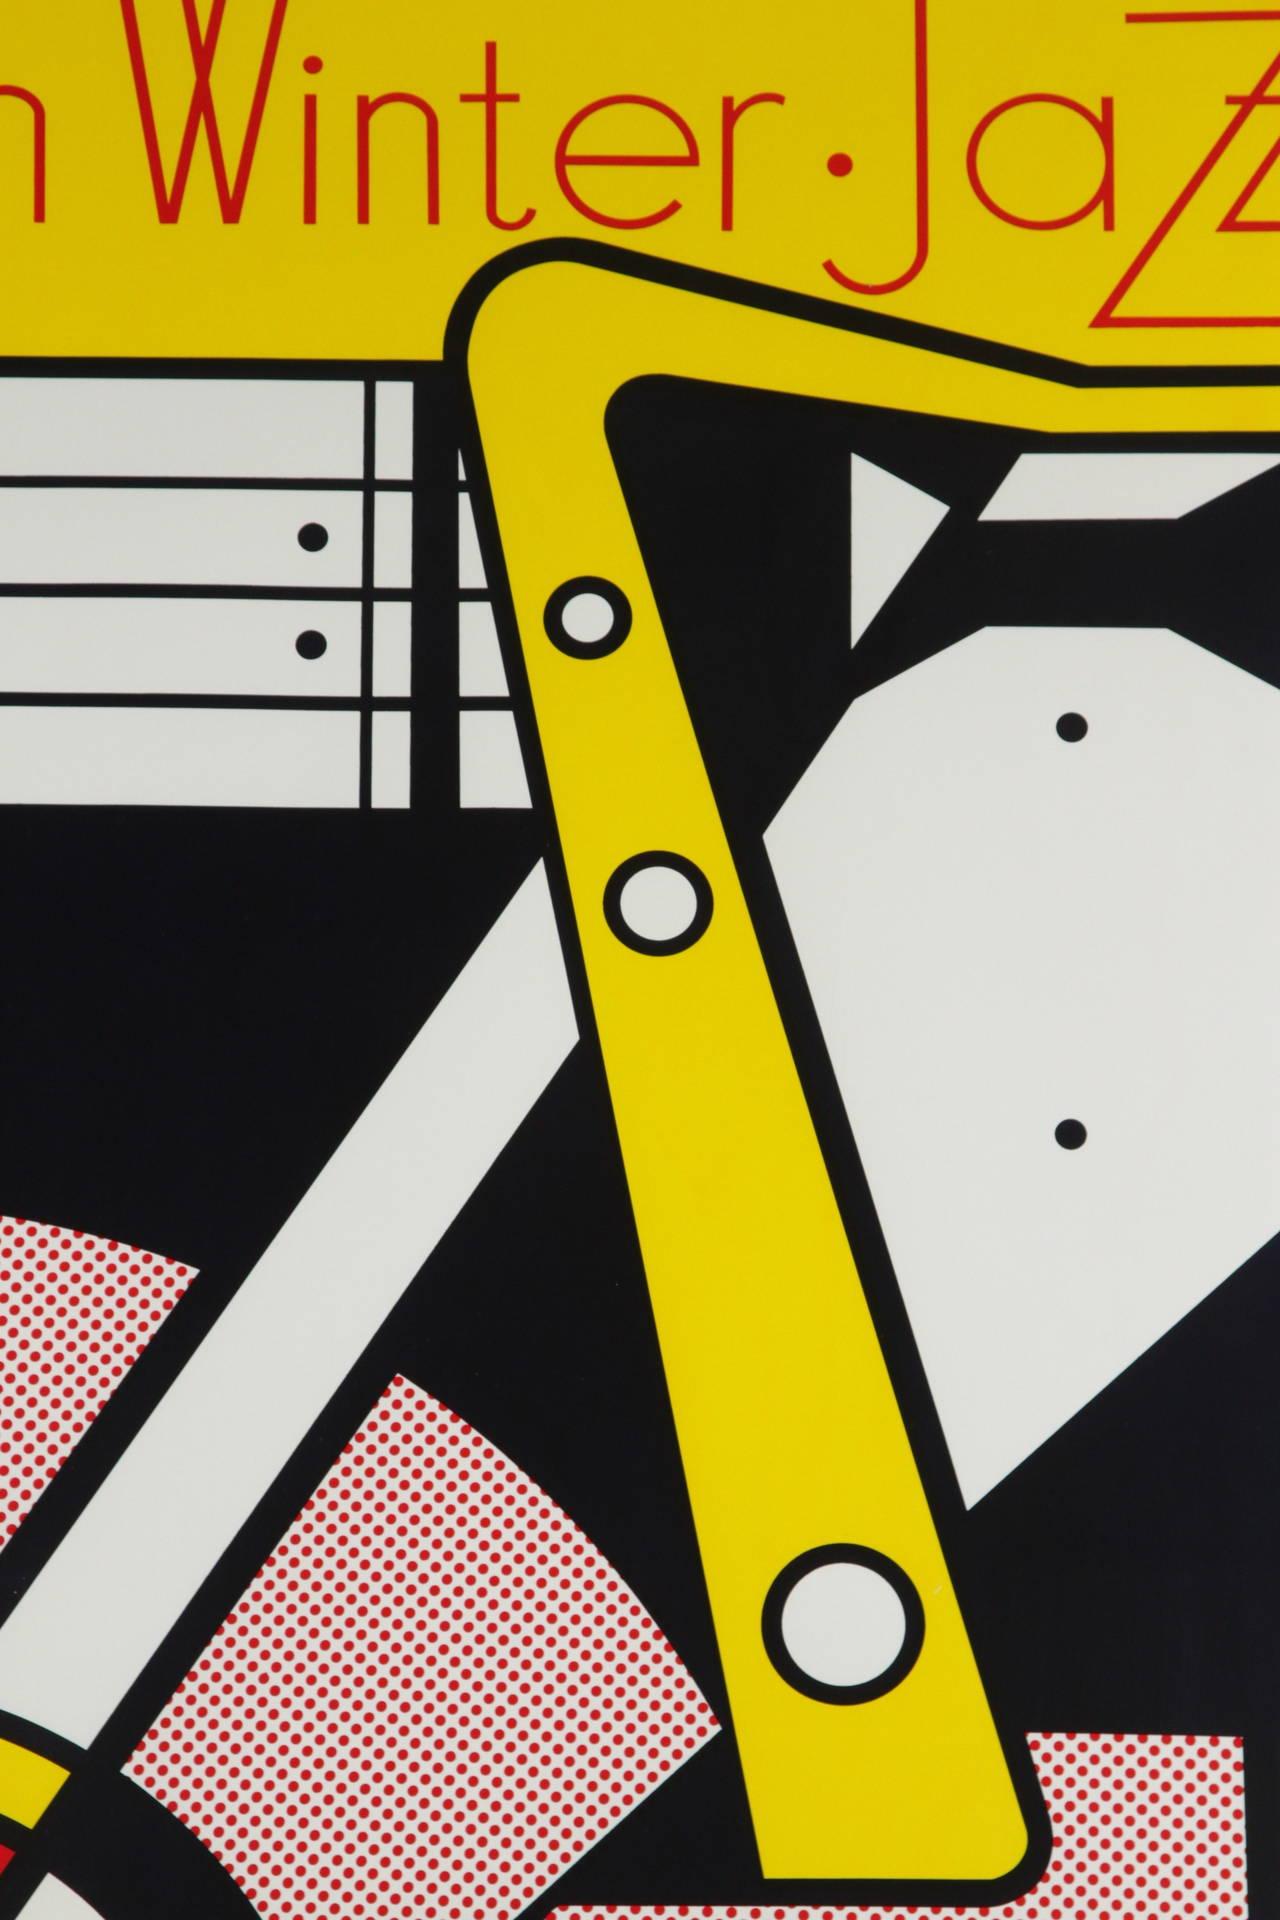 Aspen Winter Jazz Serigraph by Roy Lichtenstein 8